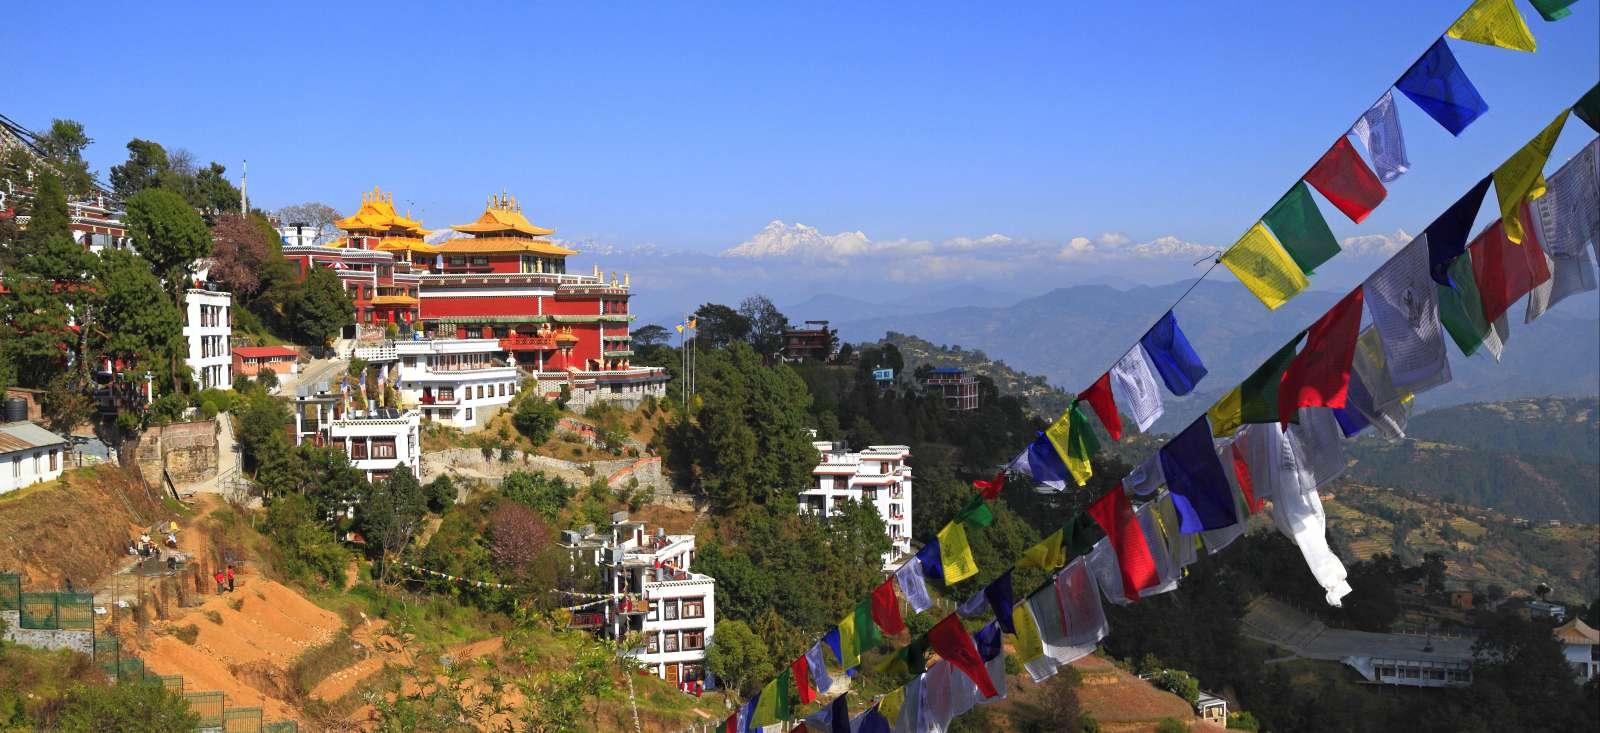 Voyage à pied : Katmandou, vallée des temples et monastères